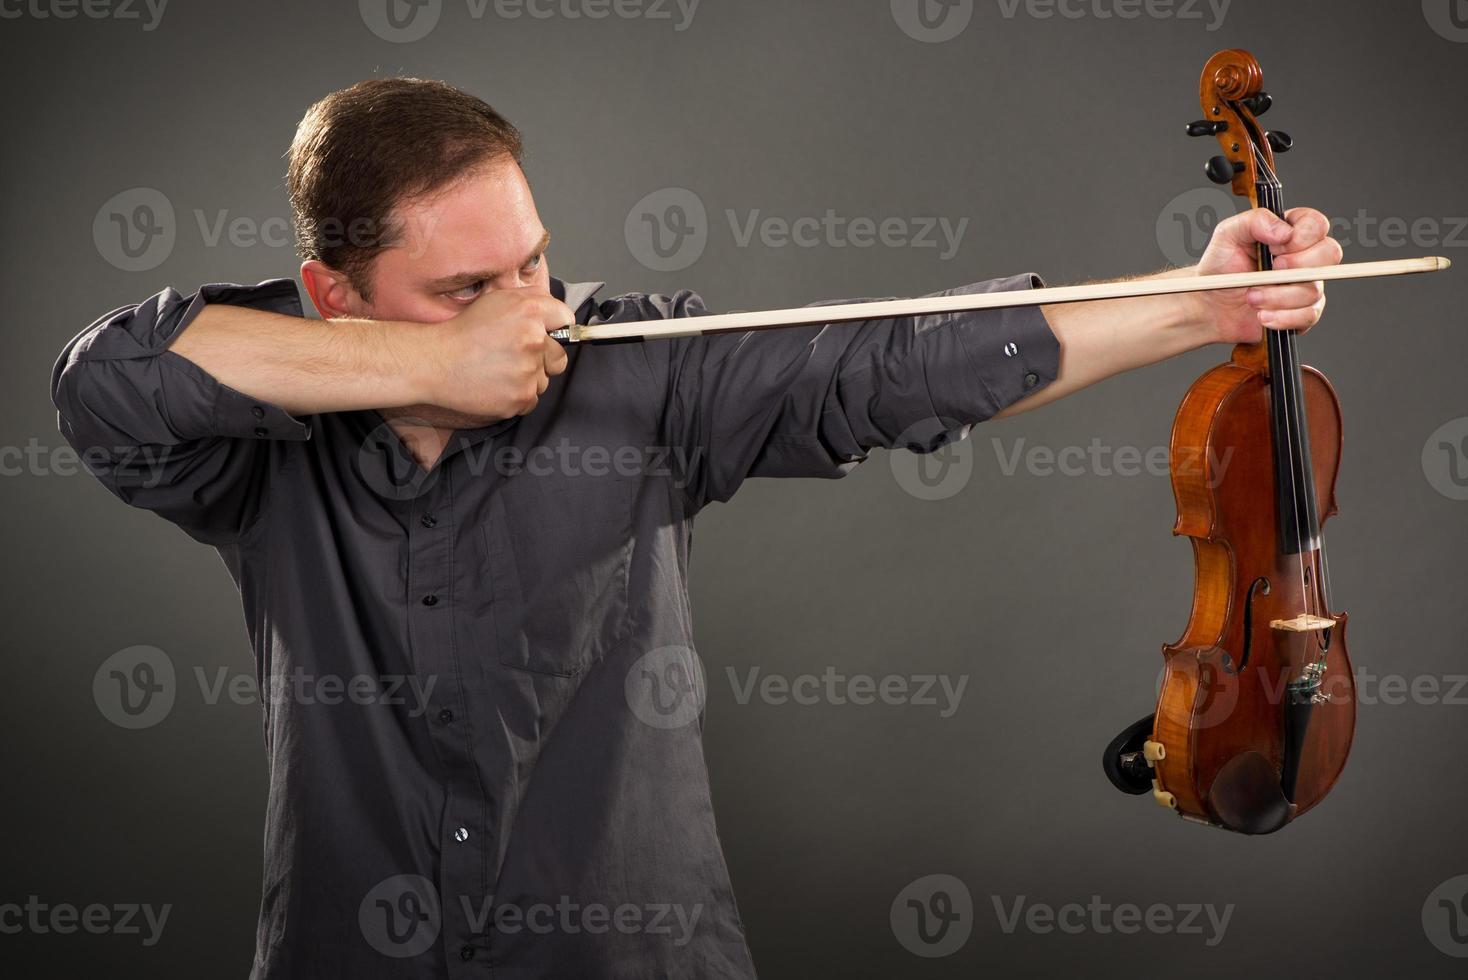 Violin Shooter photo